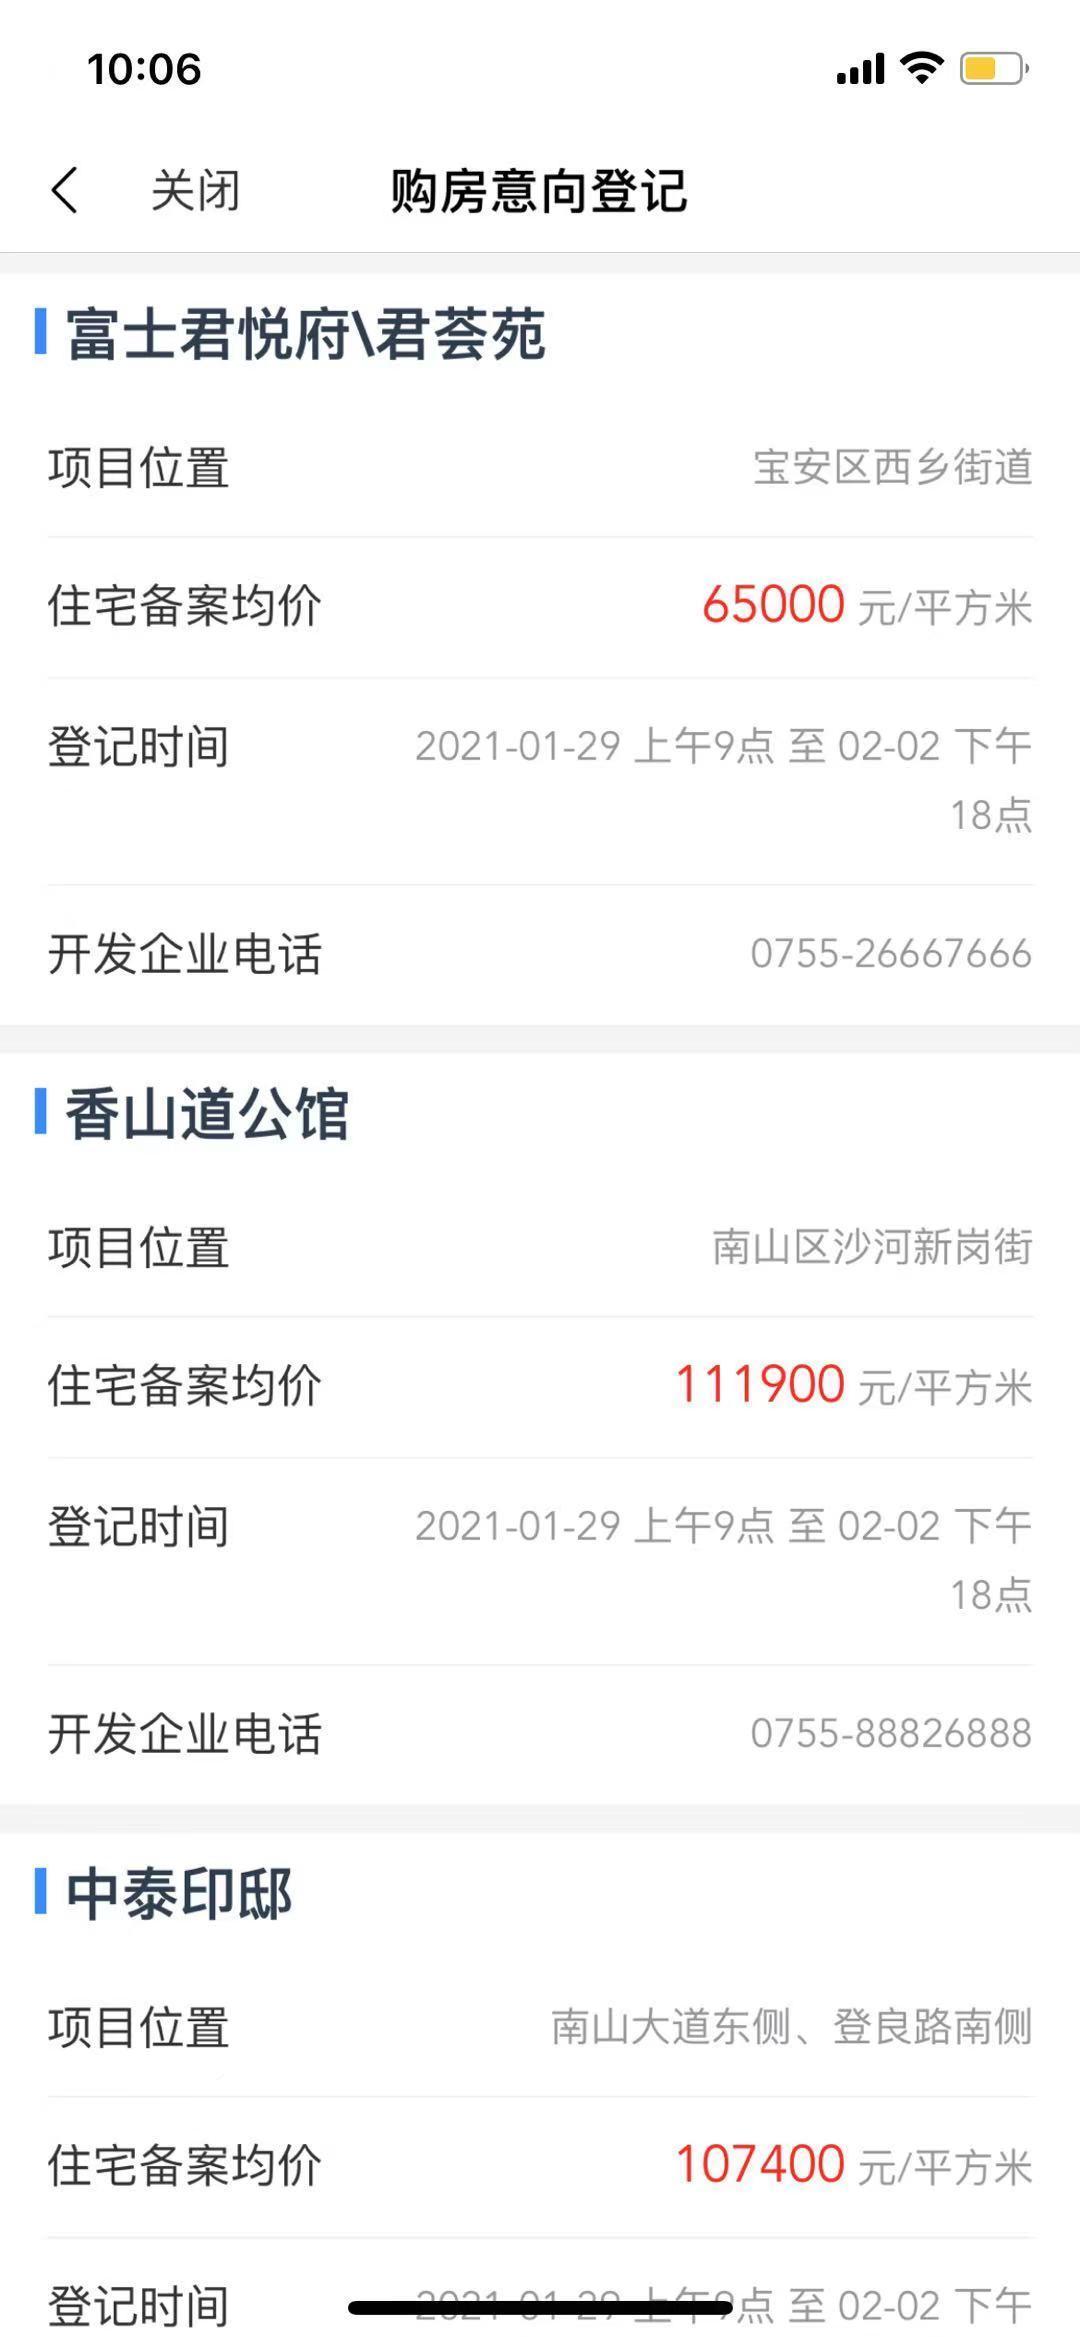 深圳地产6选一网红盘关注突破10万登录系统一度崩溃